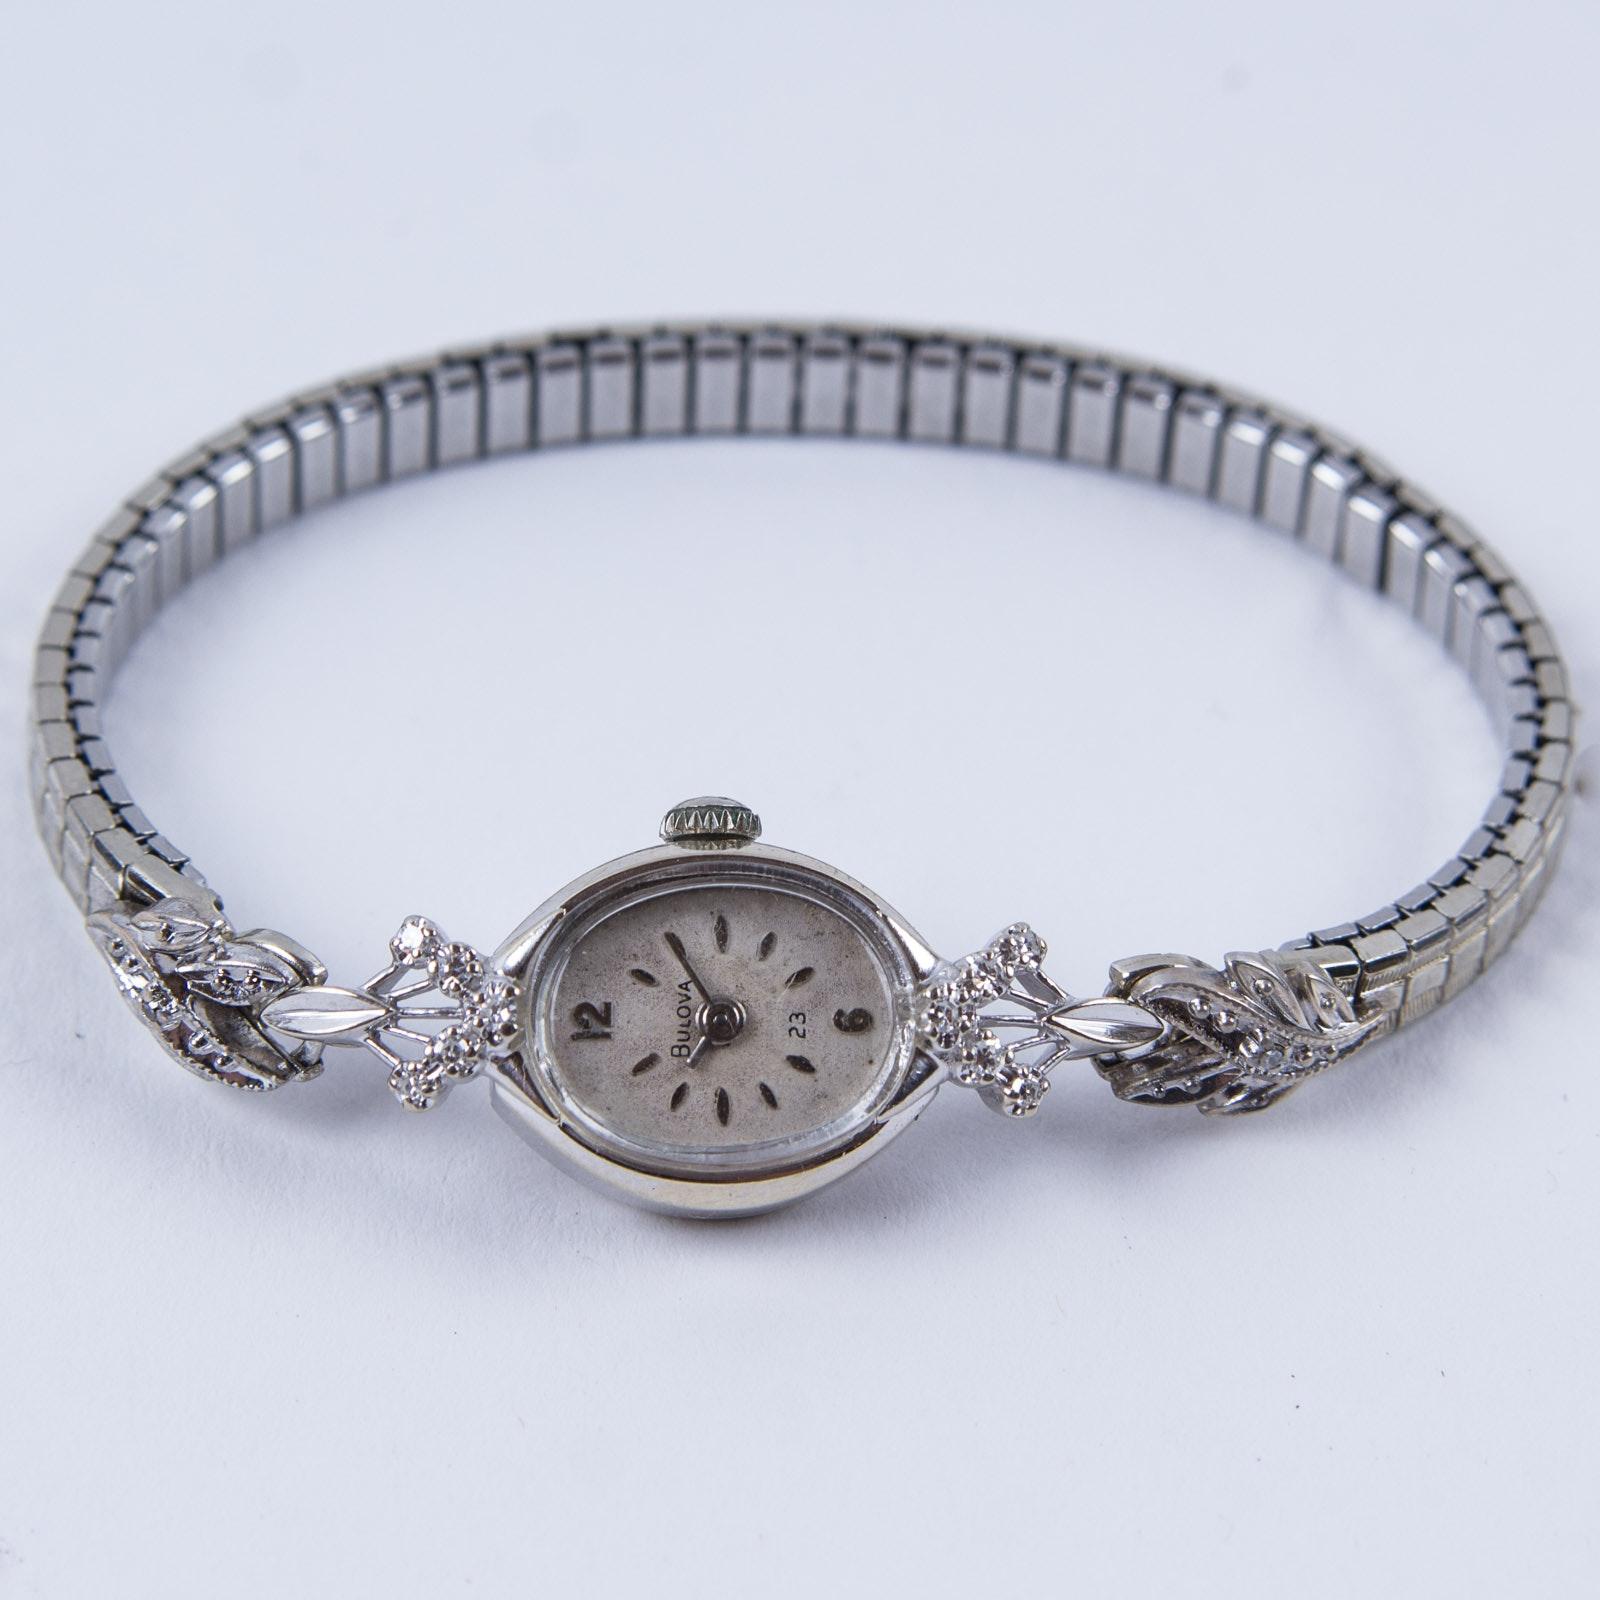 14K White Gold and Diamond Bulova Wristwatch